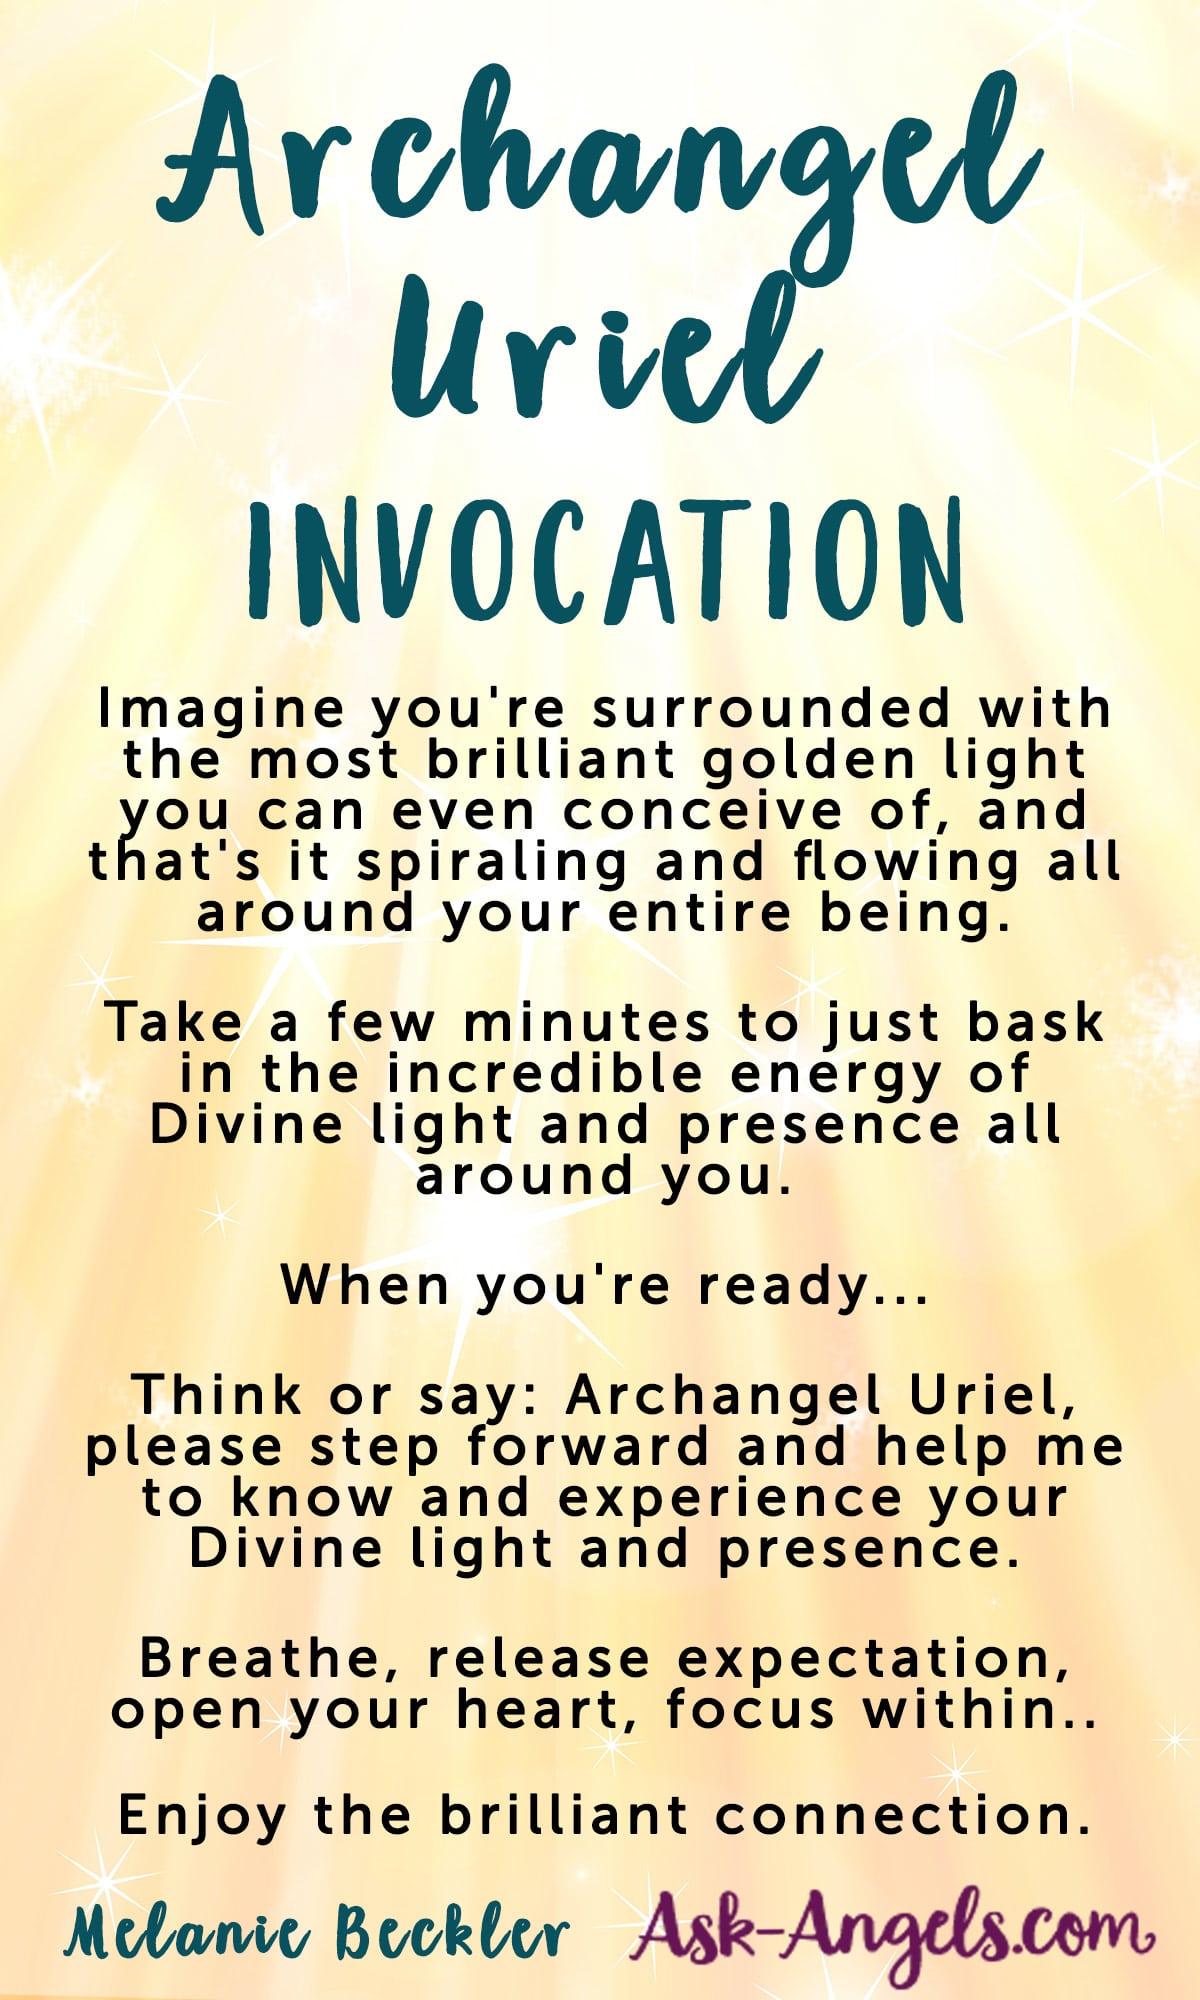 Archangel Uriel Invocation